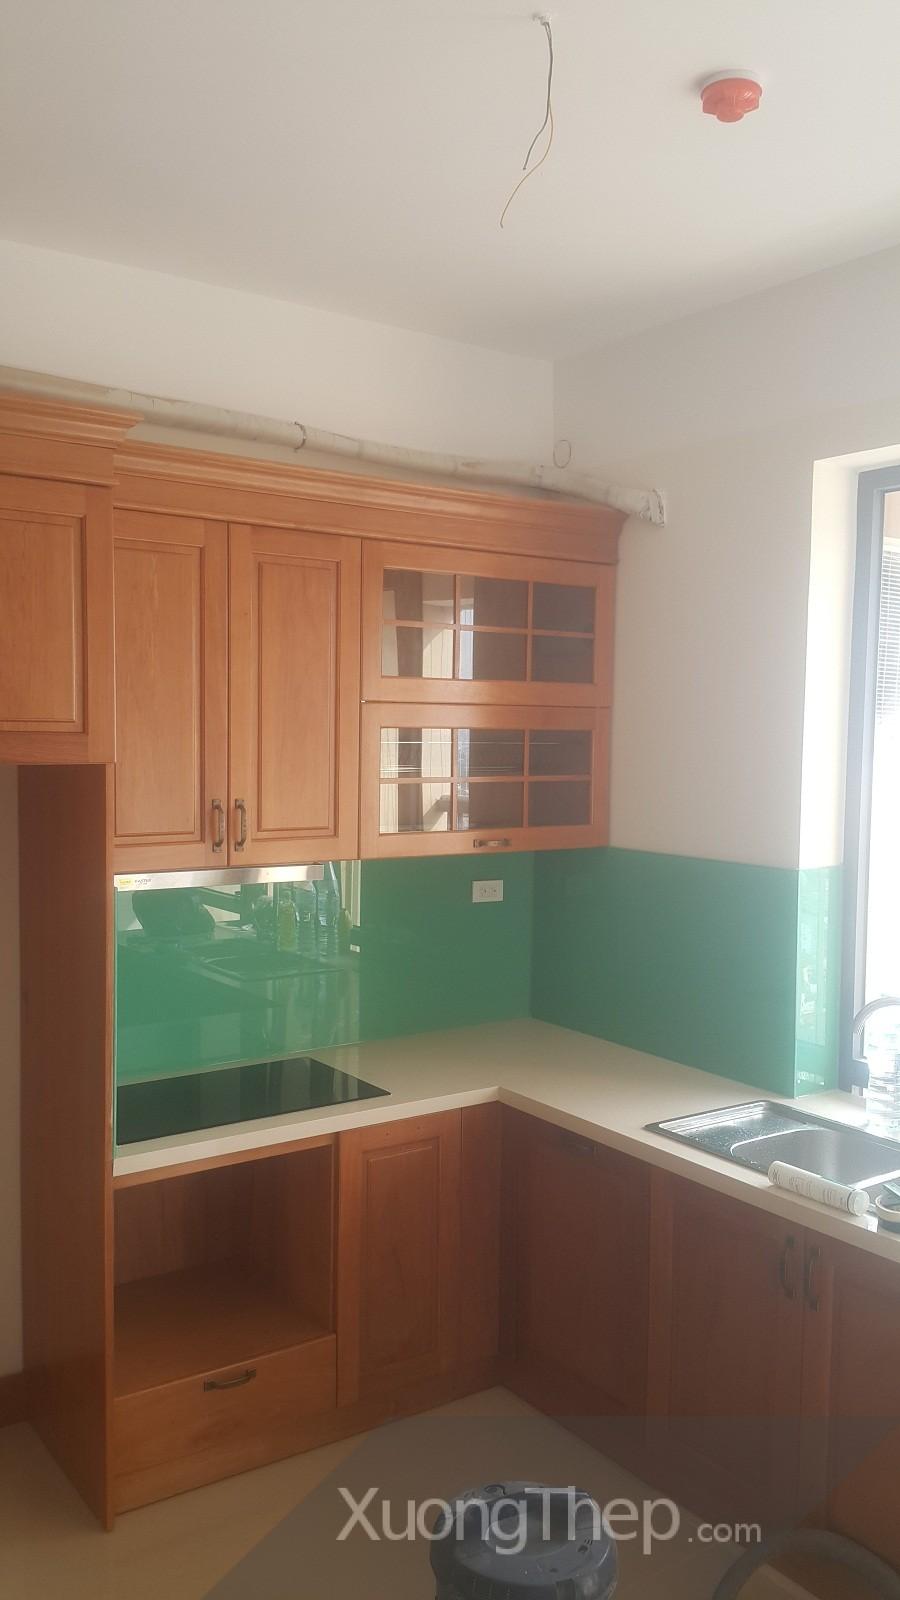 thi công kính sơn xanh ngọc cho nhà bếp.